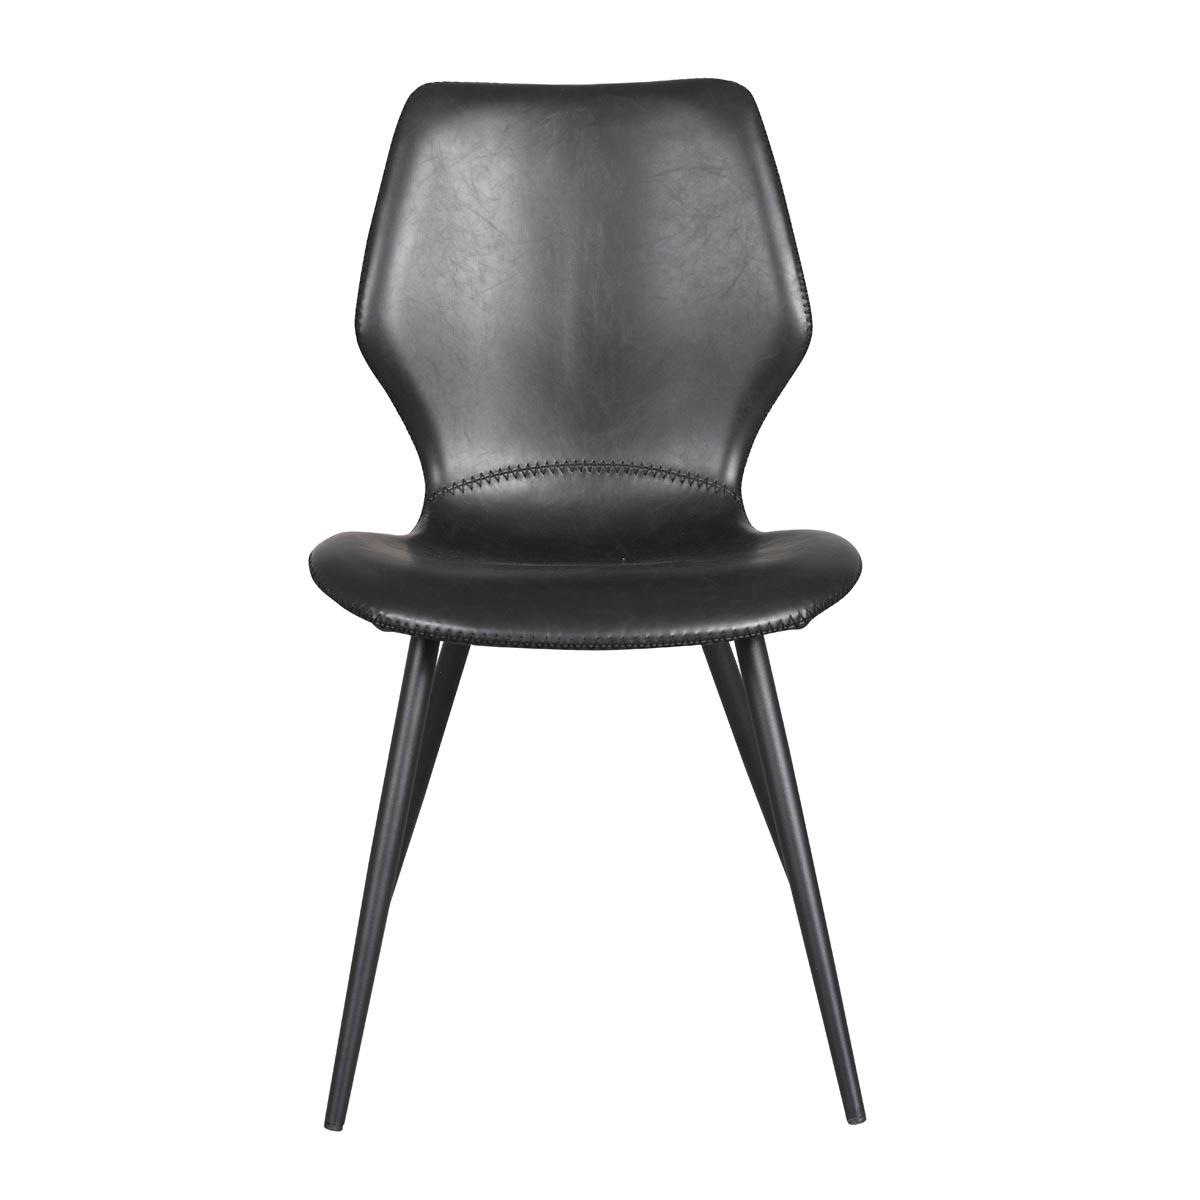 Highrock-stol-svart-118611_fram